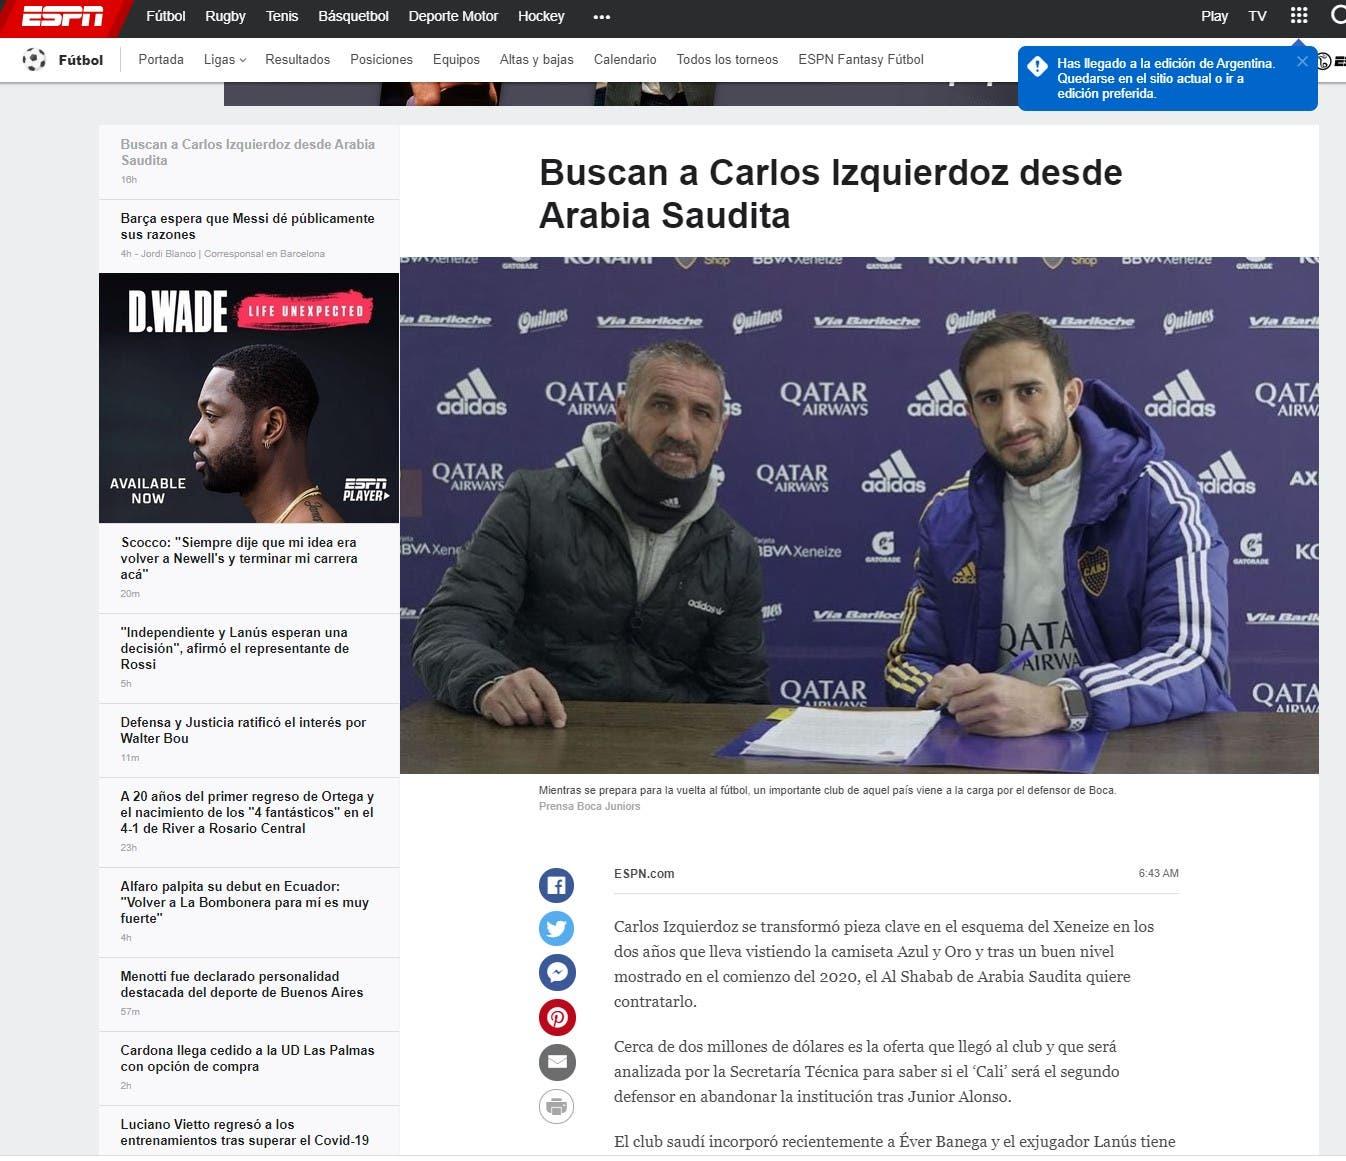 الخبر في موقع الشبكة الإسبانية